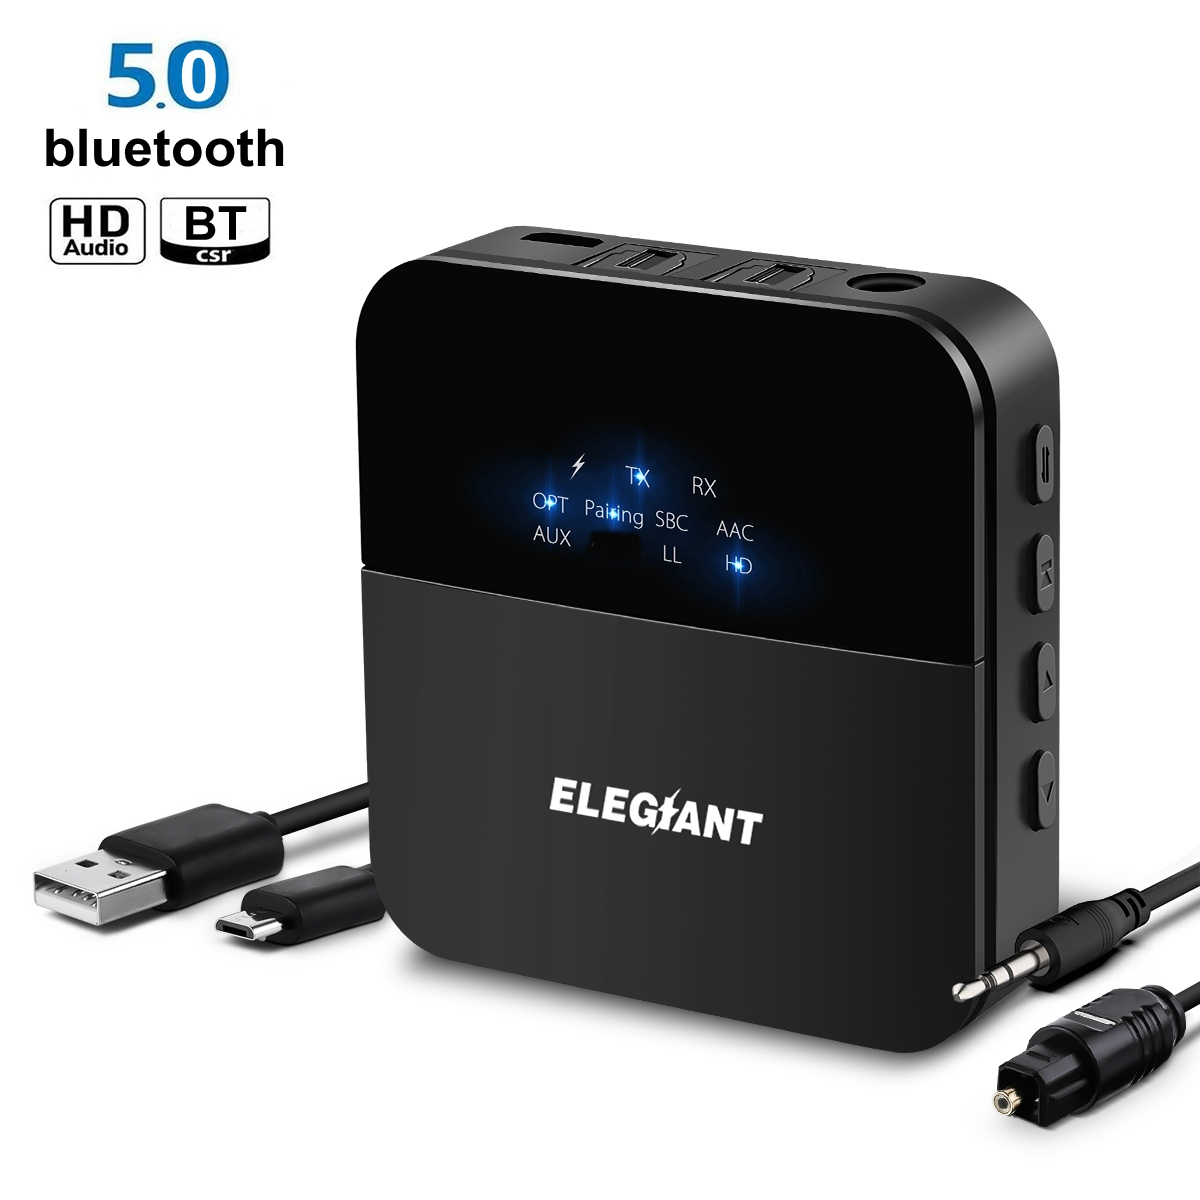 ELEGIANT 3.5 milímetros 2RCA HD bluetooth 5.0 Adaptador de Áudio Transmissor Receptor Sem Fio/AUX/LL/HiFi para Fone De Ouvido carro